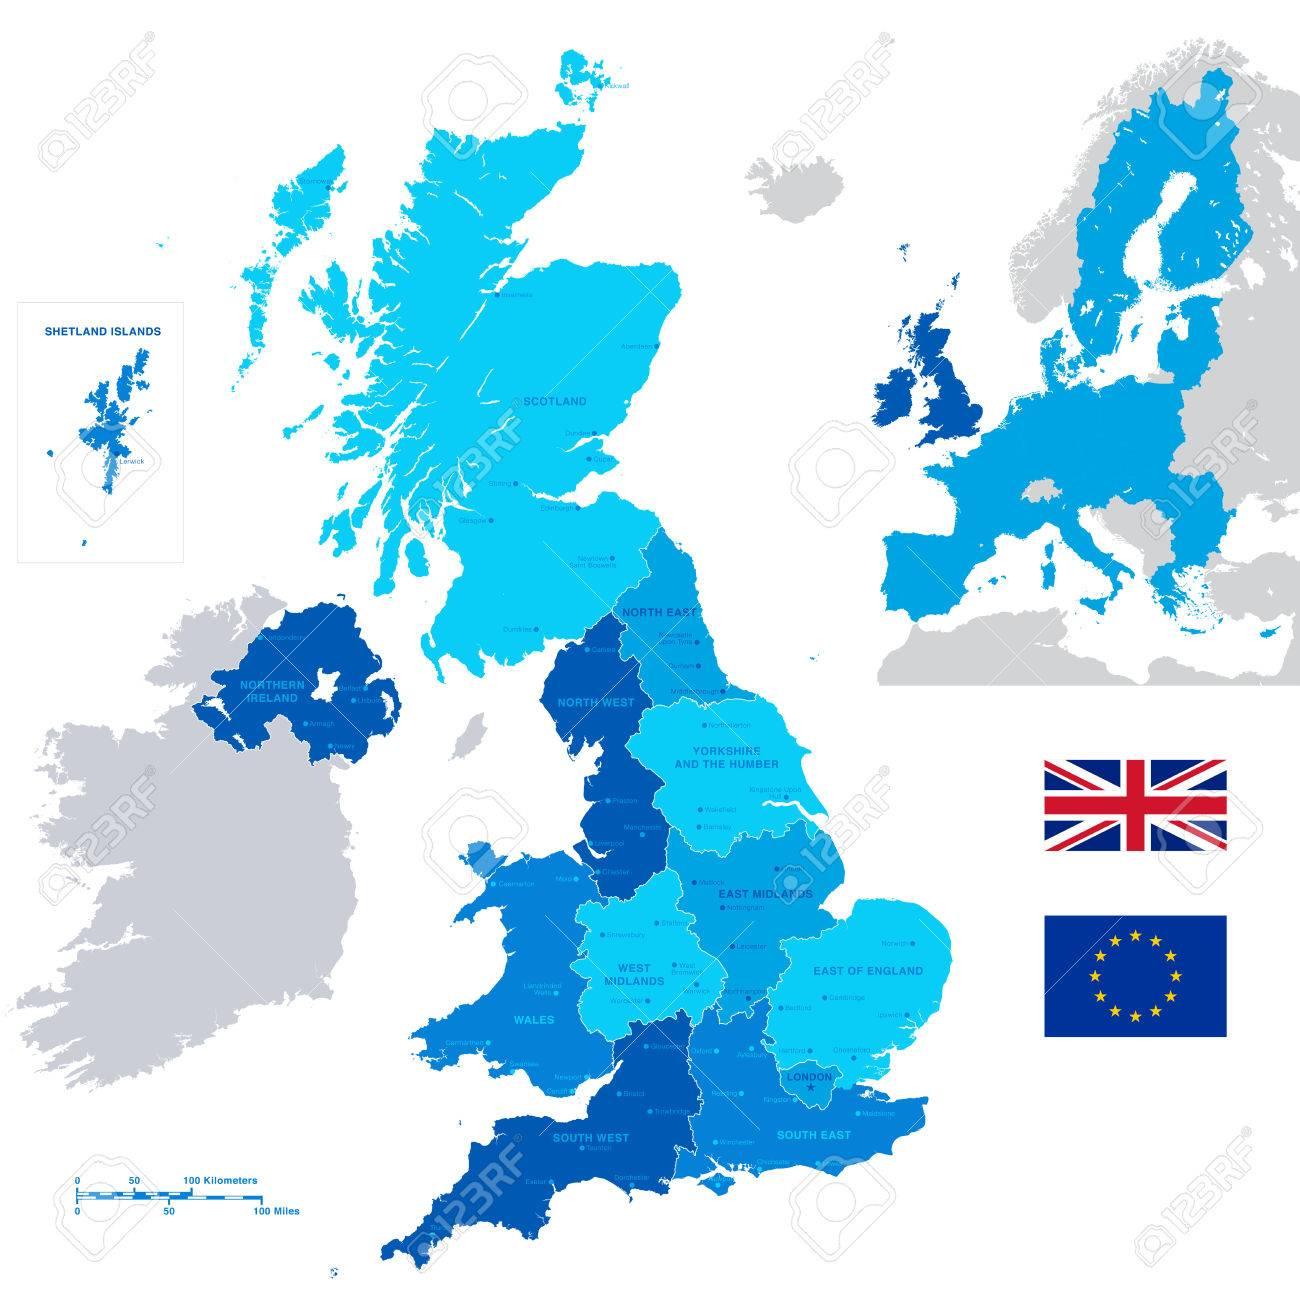 Cartina Regno Unito Con Regioni.Vettoriale A High Particolare Vettore Mappa Del Regno Unito Regioni Le Regioni Amministrative E Grandi Citta E Una Minimappa Con La Gran Bretagna E Ue Evidenziato Image 43266369